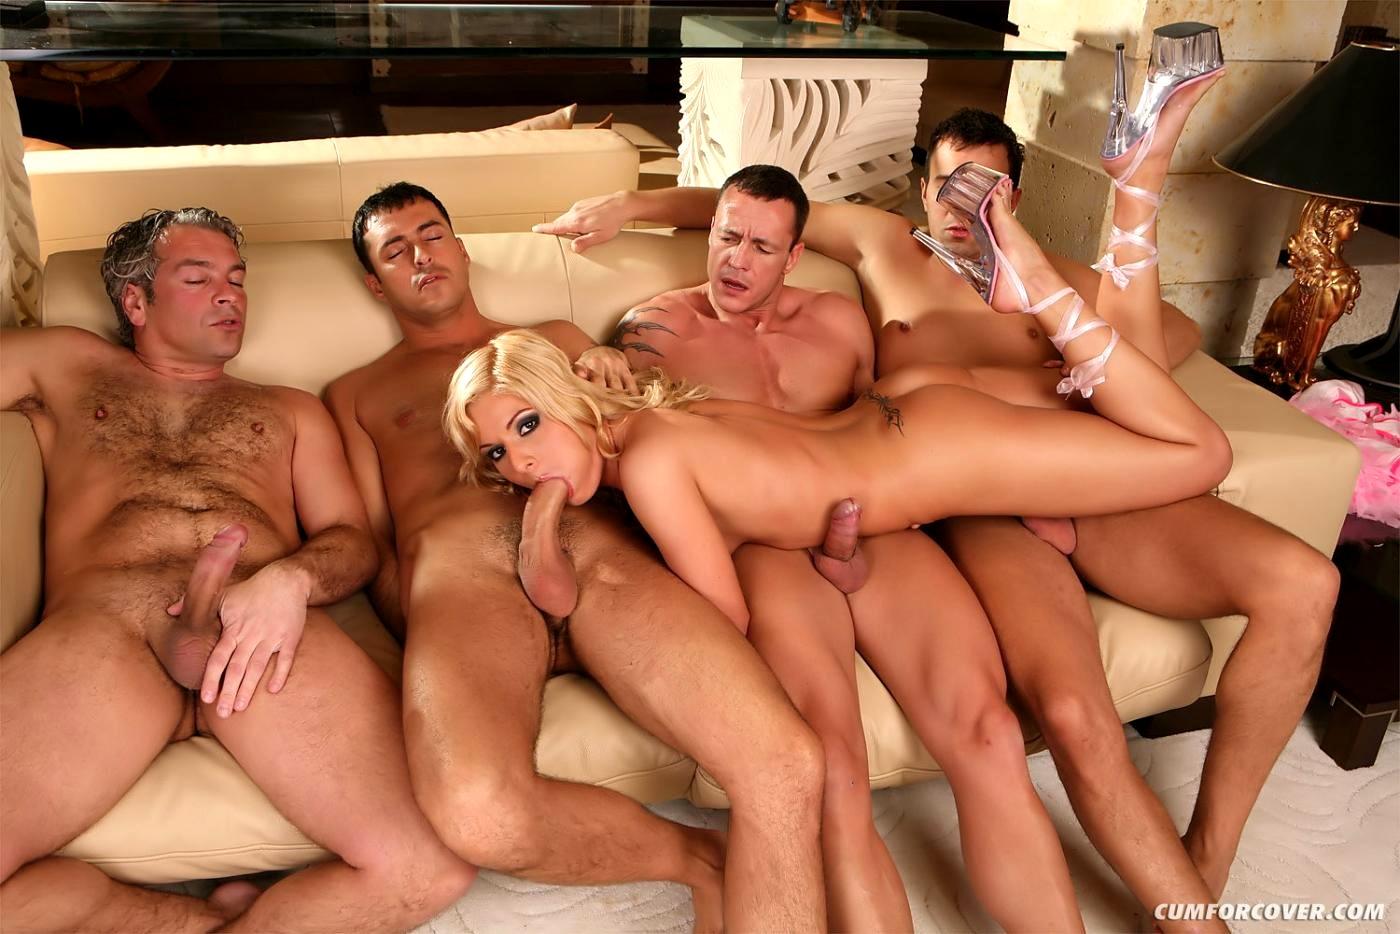 Смотреть порнуху без ограничения по возрасту групповуха